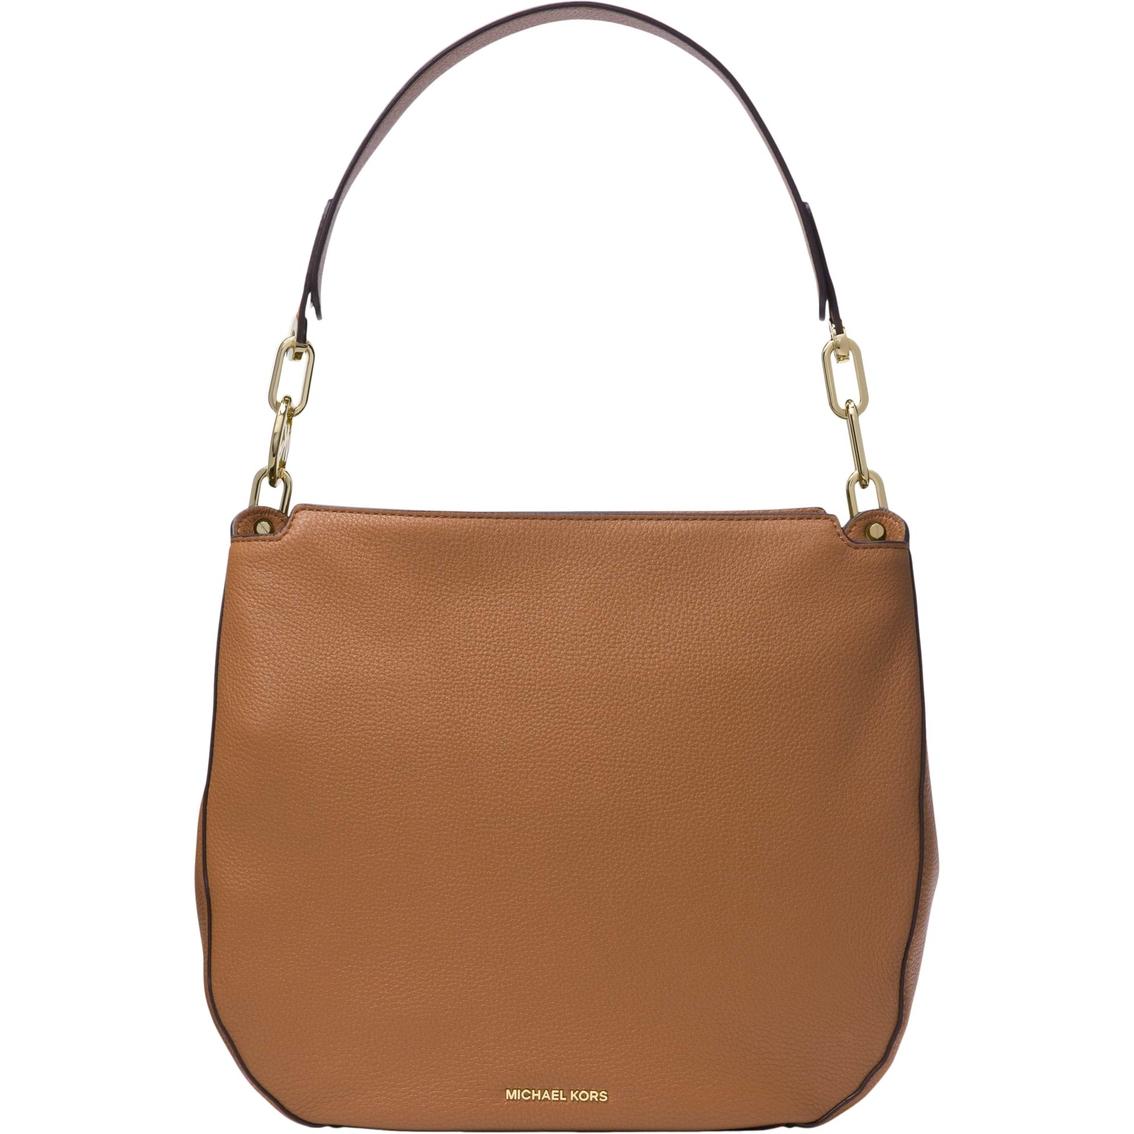 d82a3873c60fe7 Michael Kors Fulton Large Hobo Handbag Leather | Hobo Bags ...